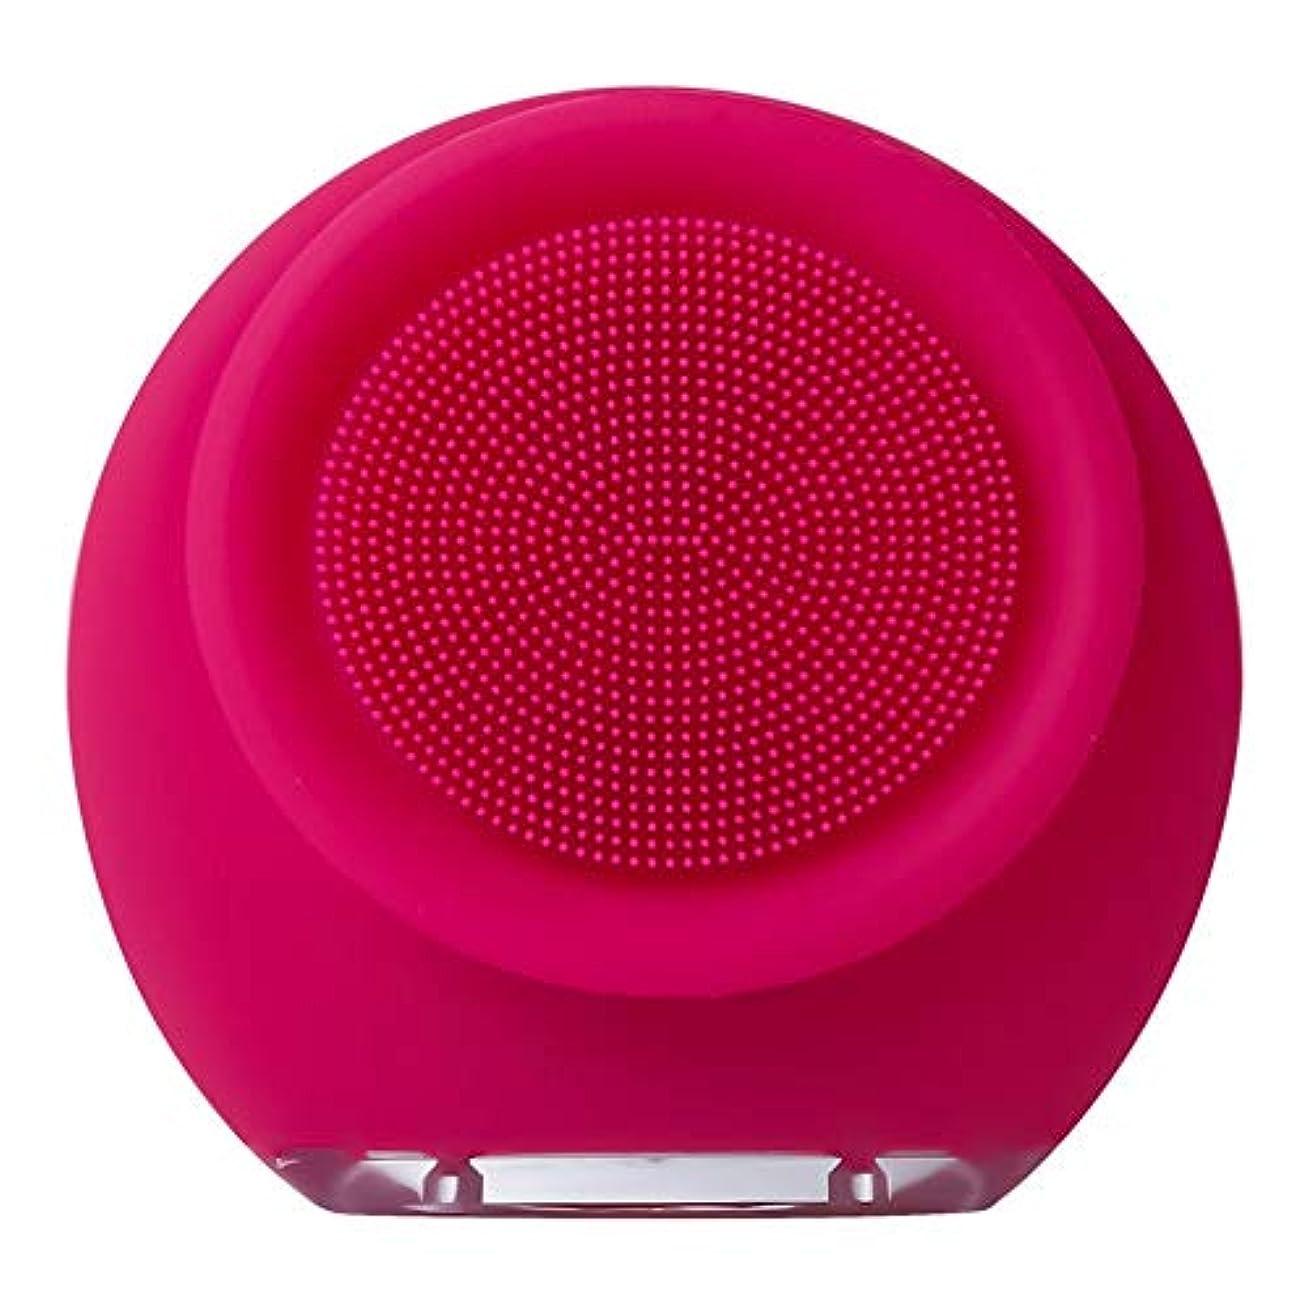 家畜モーター不名誉なZHILI フェイスクリーナー防水電動フェイスクレンザーシリコンフェイシャルブラシマッサージャー削除肌にきびにきび毛穴美容ツール (Color : Pink2)